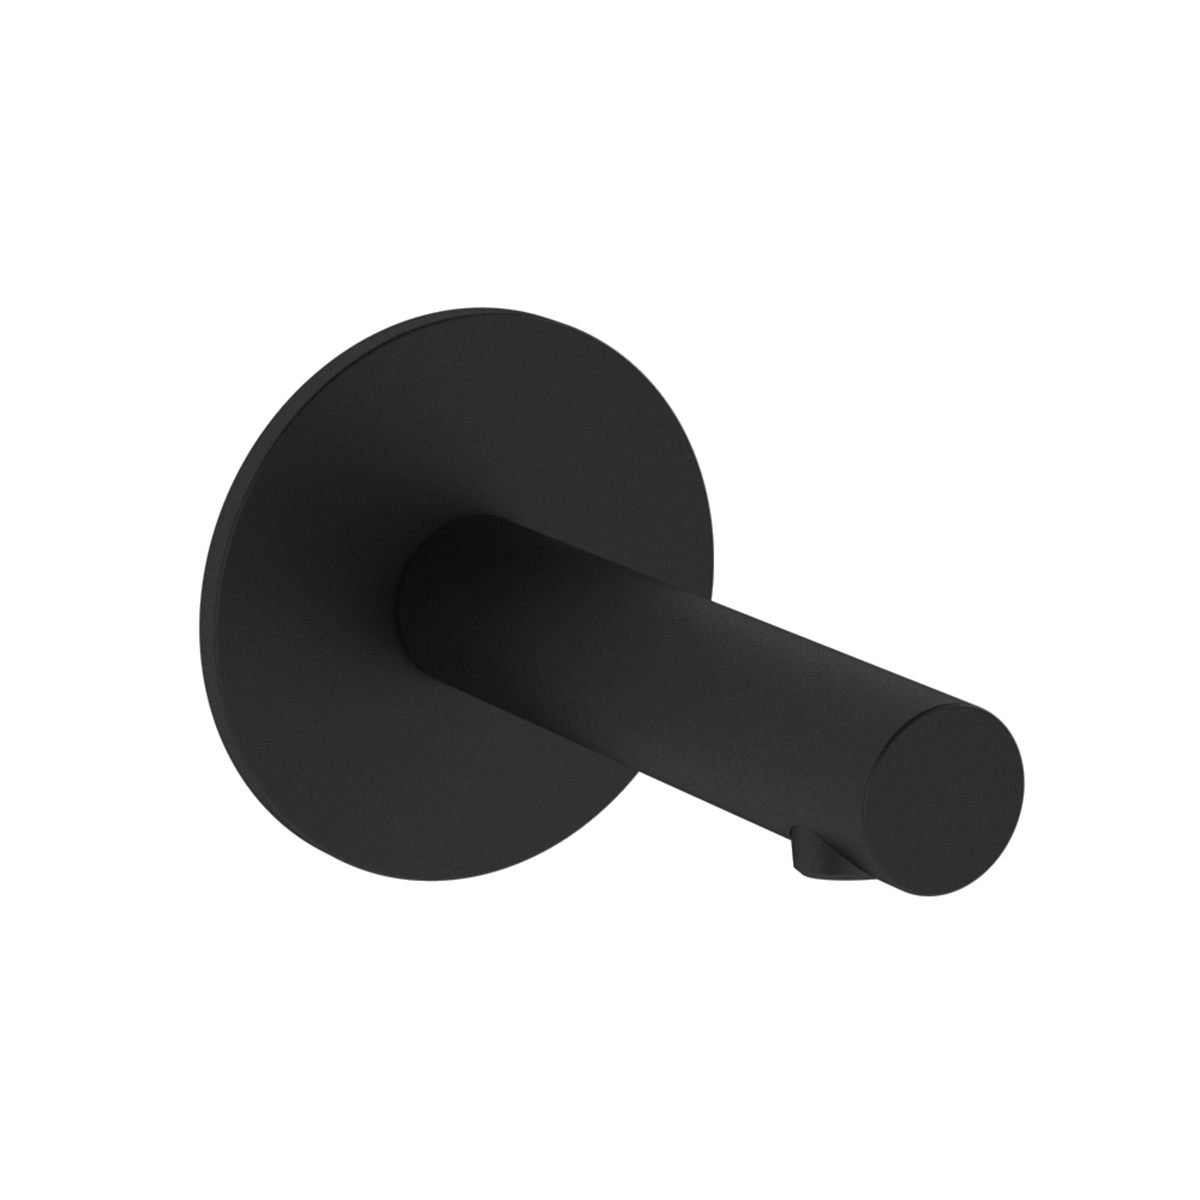 Origin Wanneneinlauf Ausladung Auslauf, 11,5 cm, Schwarz Matt